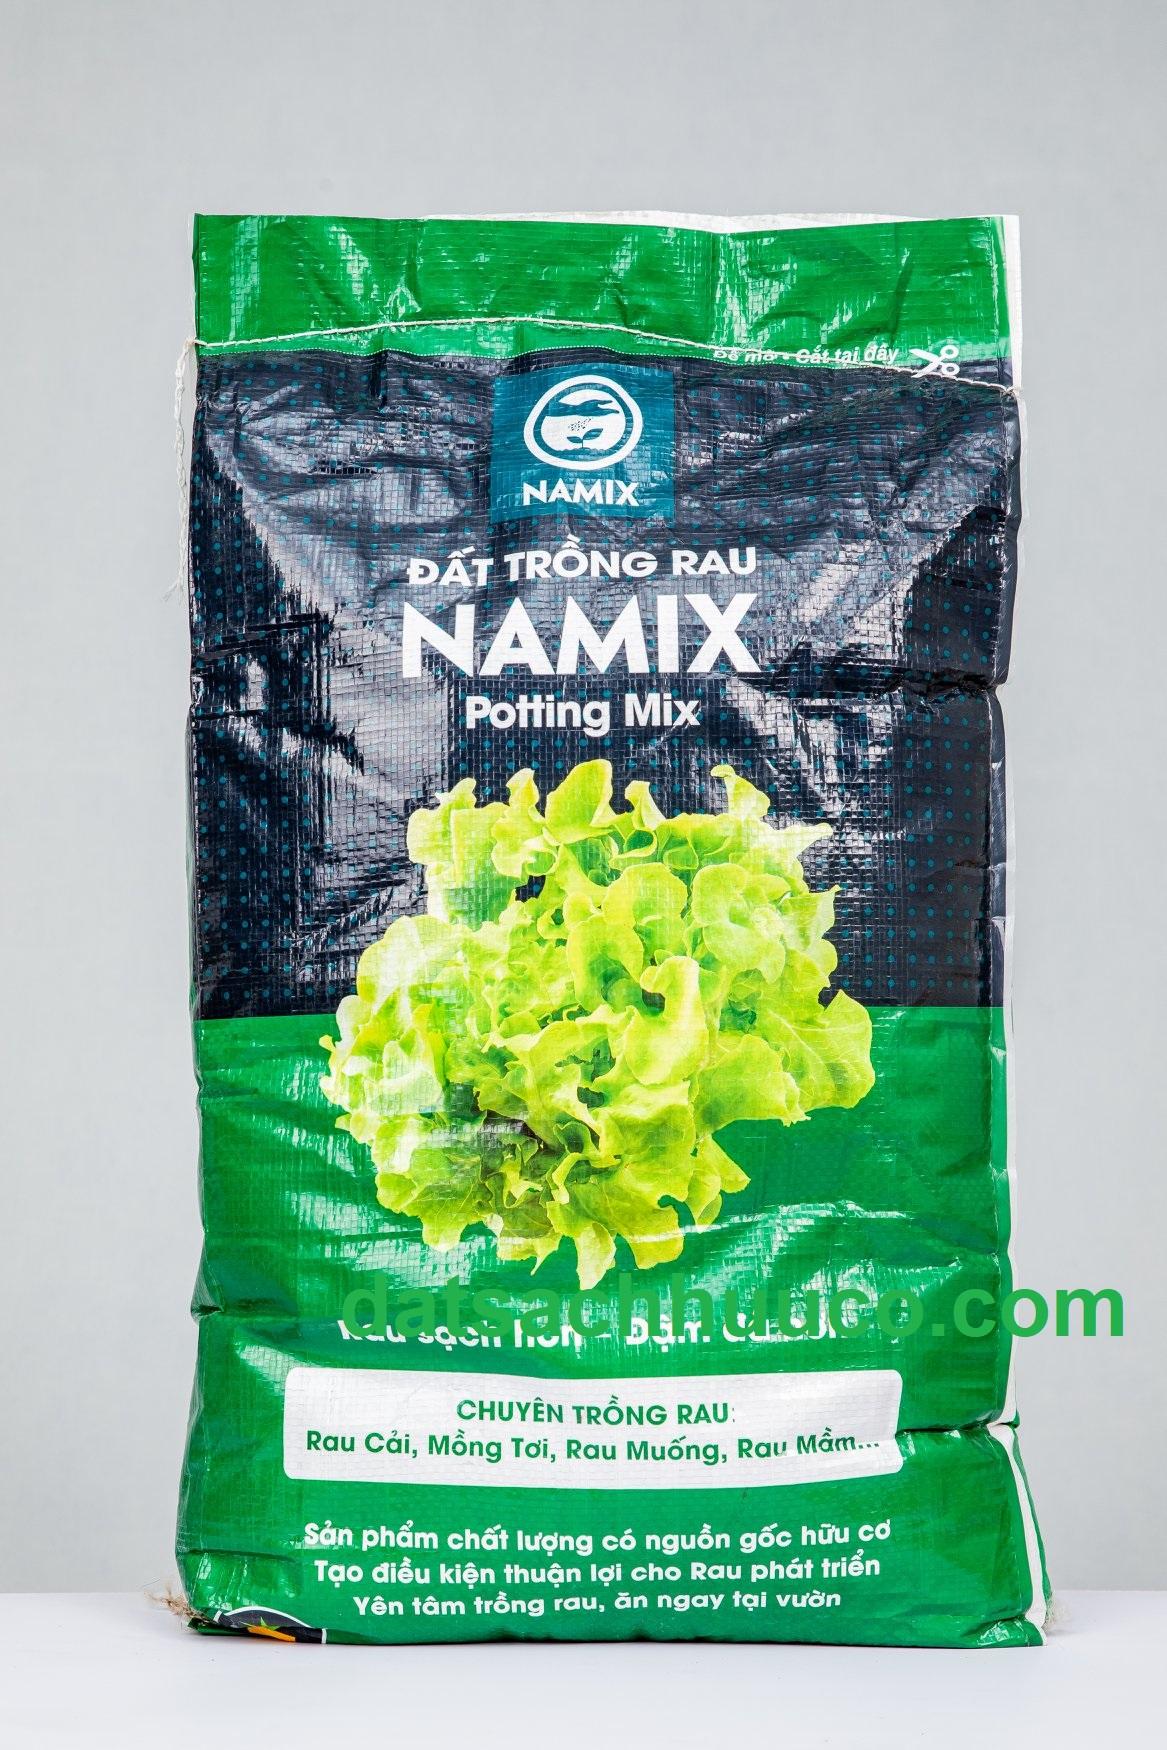 bao-dat-trong-rau-Namix